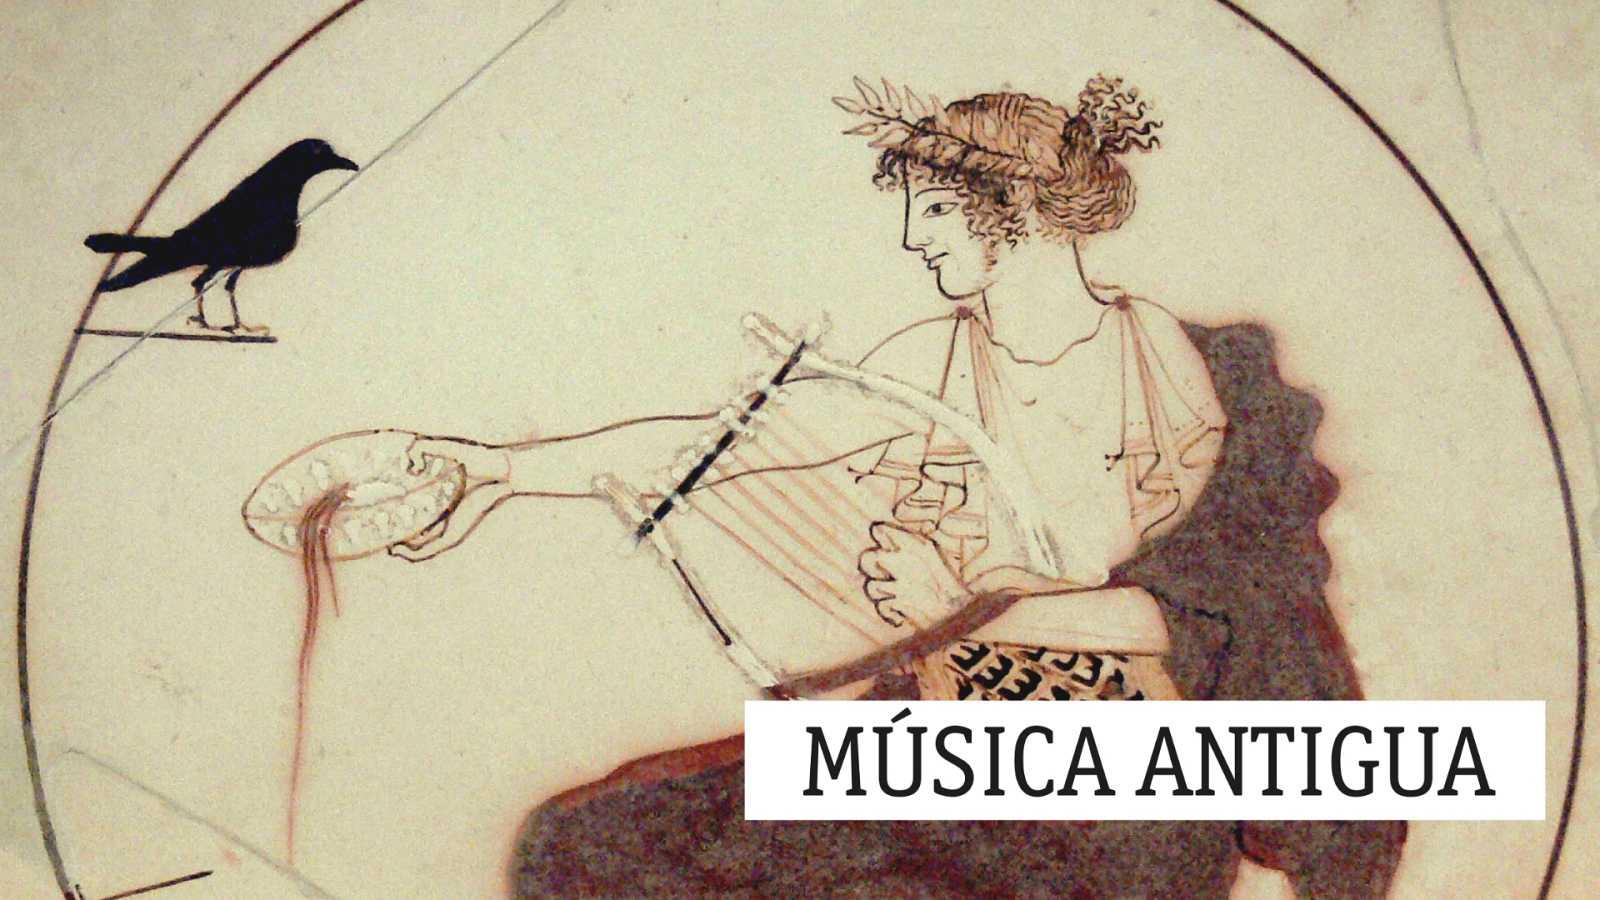 Música antigua - Danzas (y V) - 30/03/21 - escuchar ahora